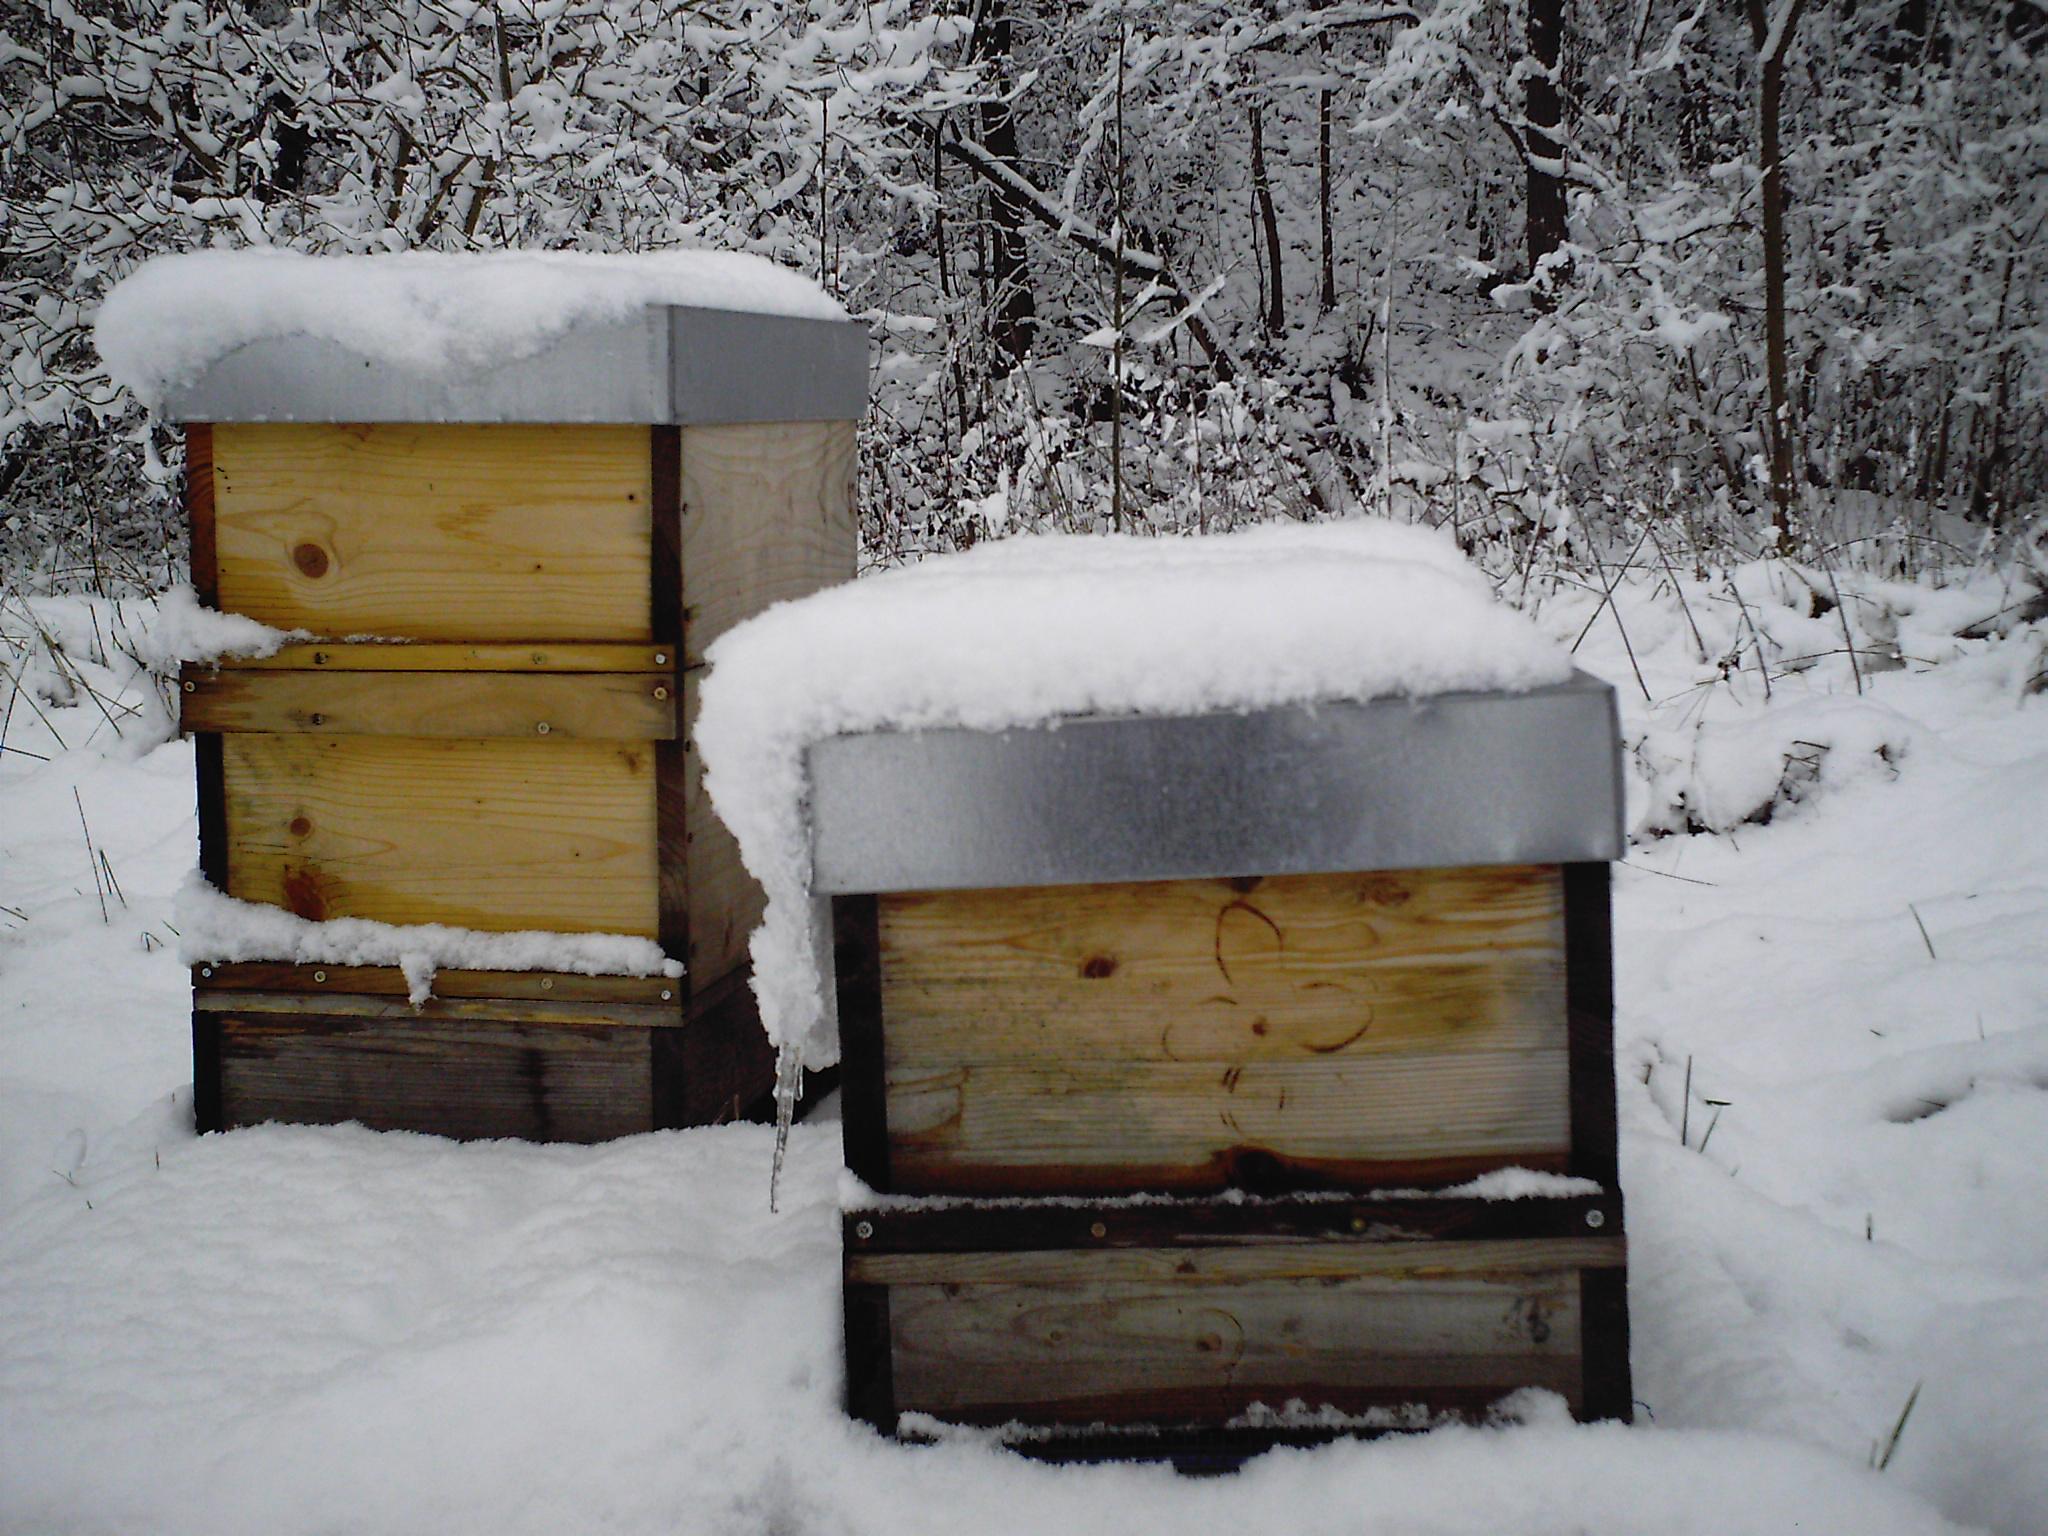 ...die Bienen leben auch im Winter draußen in Holzkästen, den sogenannten Beuten. Sie wärmen sich gegenseitig in einer Traube und können so auch bei Minusgraden eine Temperatur von bis zu 36 Grad erzeugen.